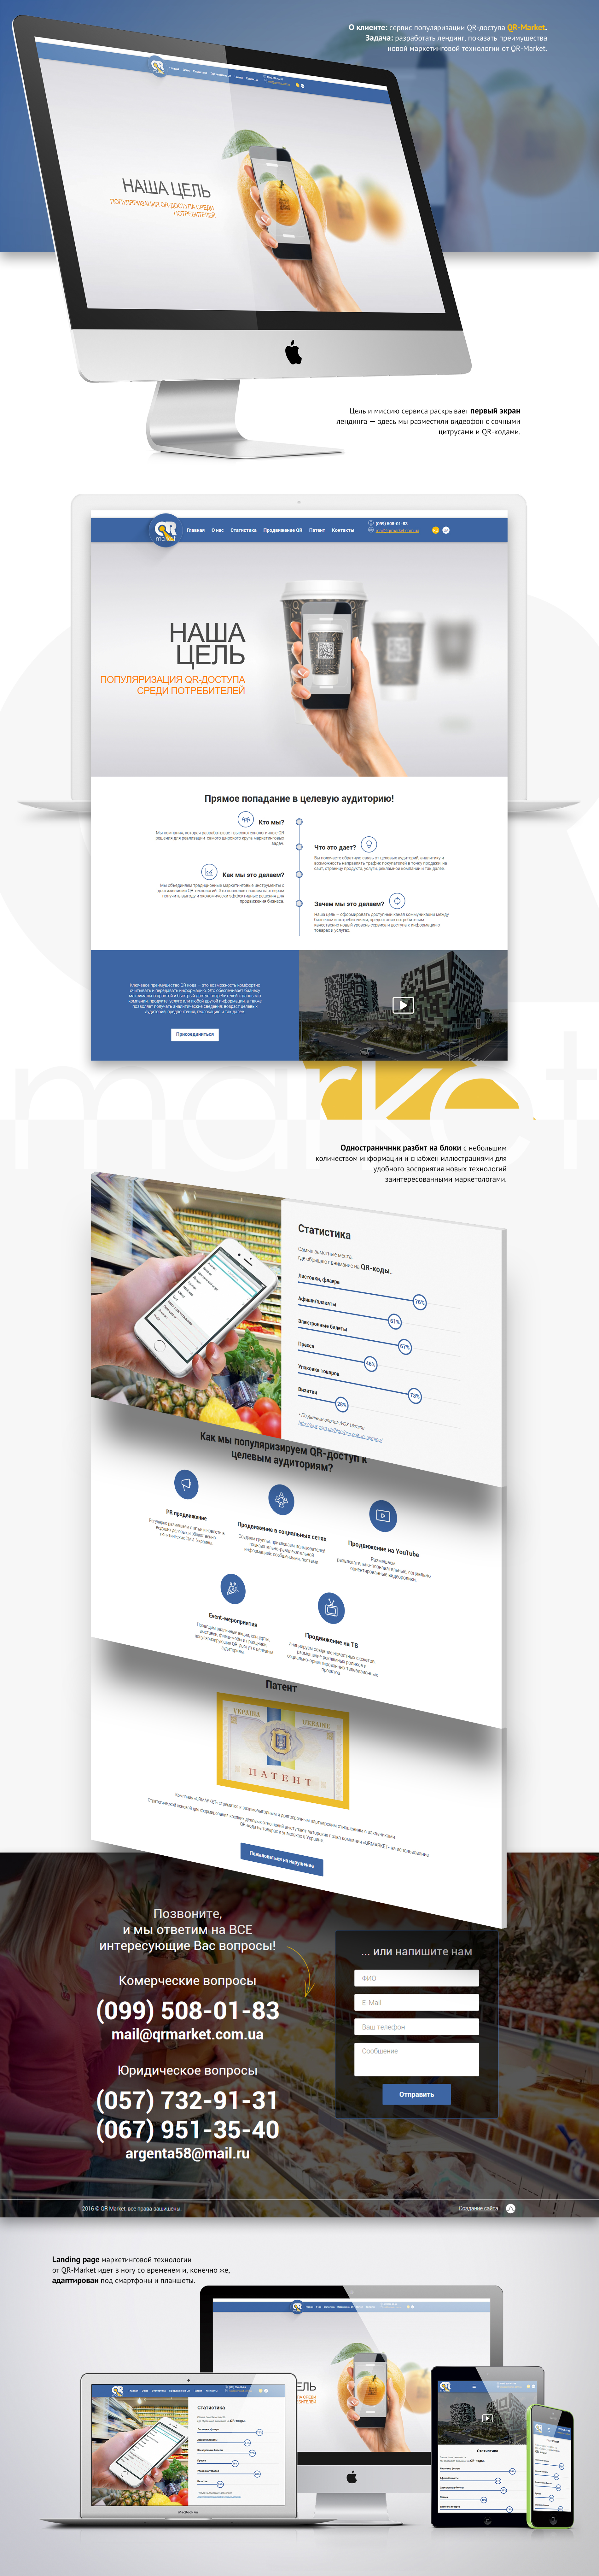 Создание лендинга для сервиса популяризации QR-доступа QR-Market.